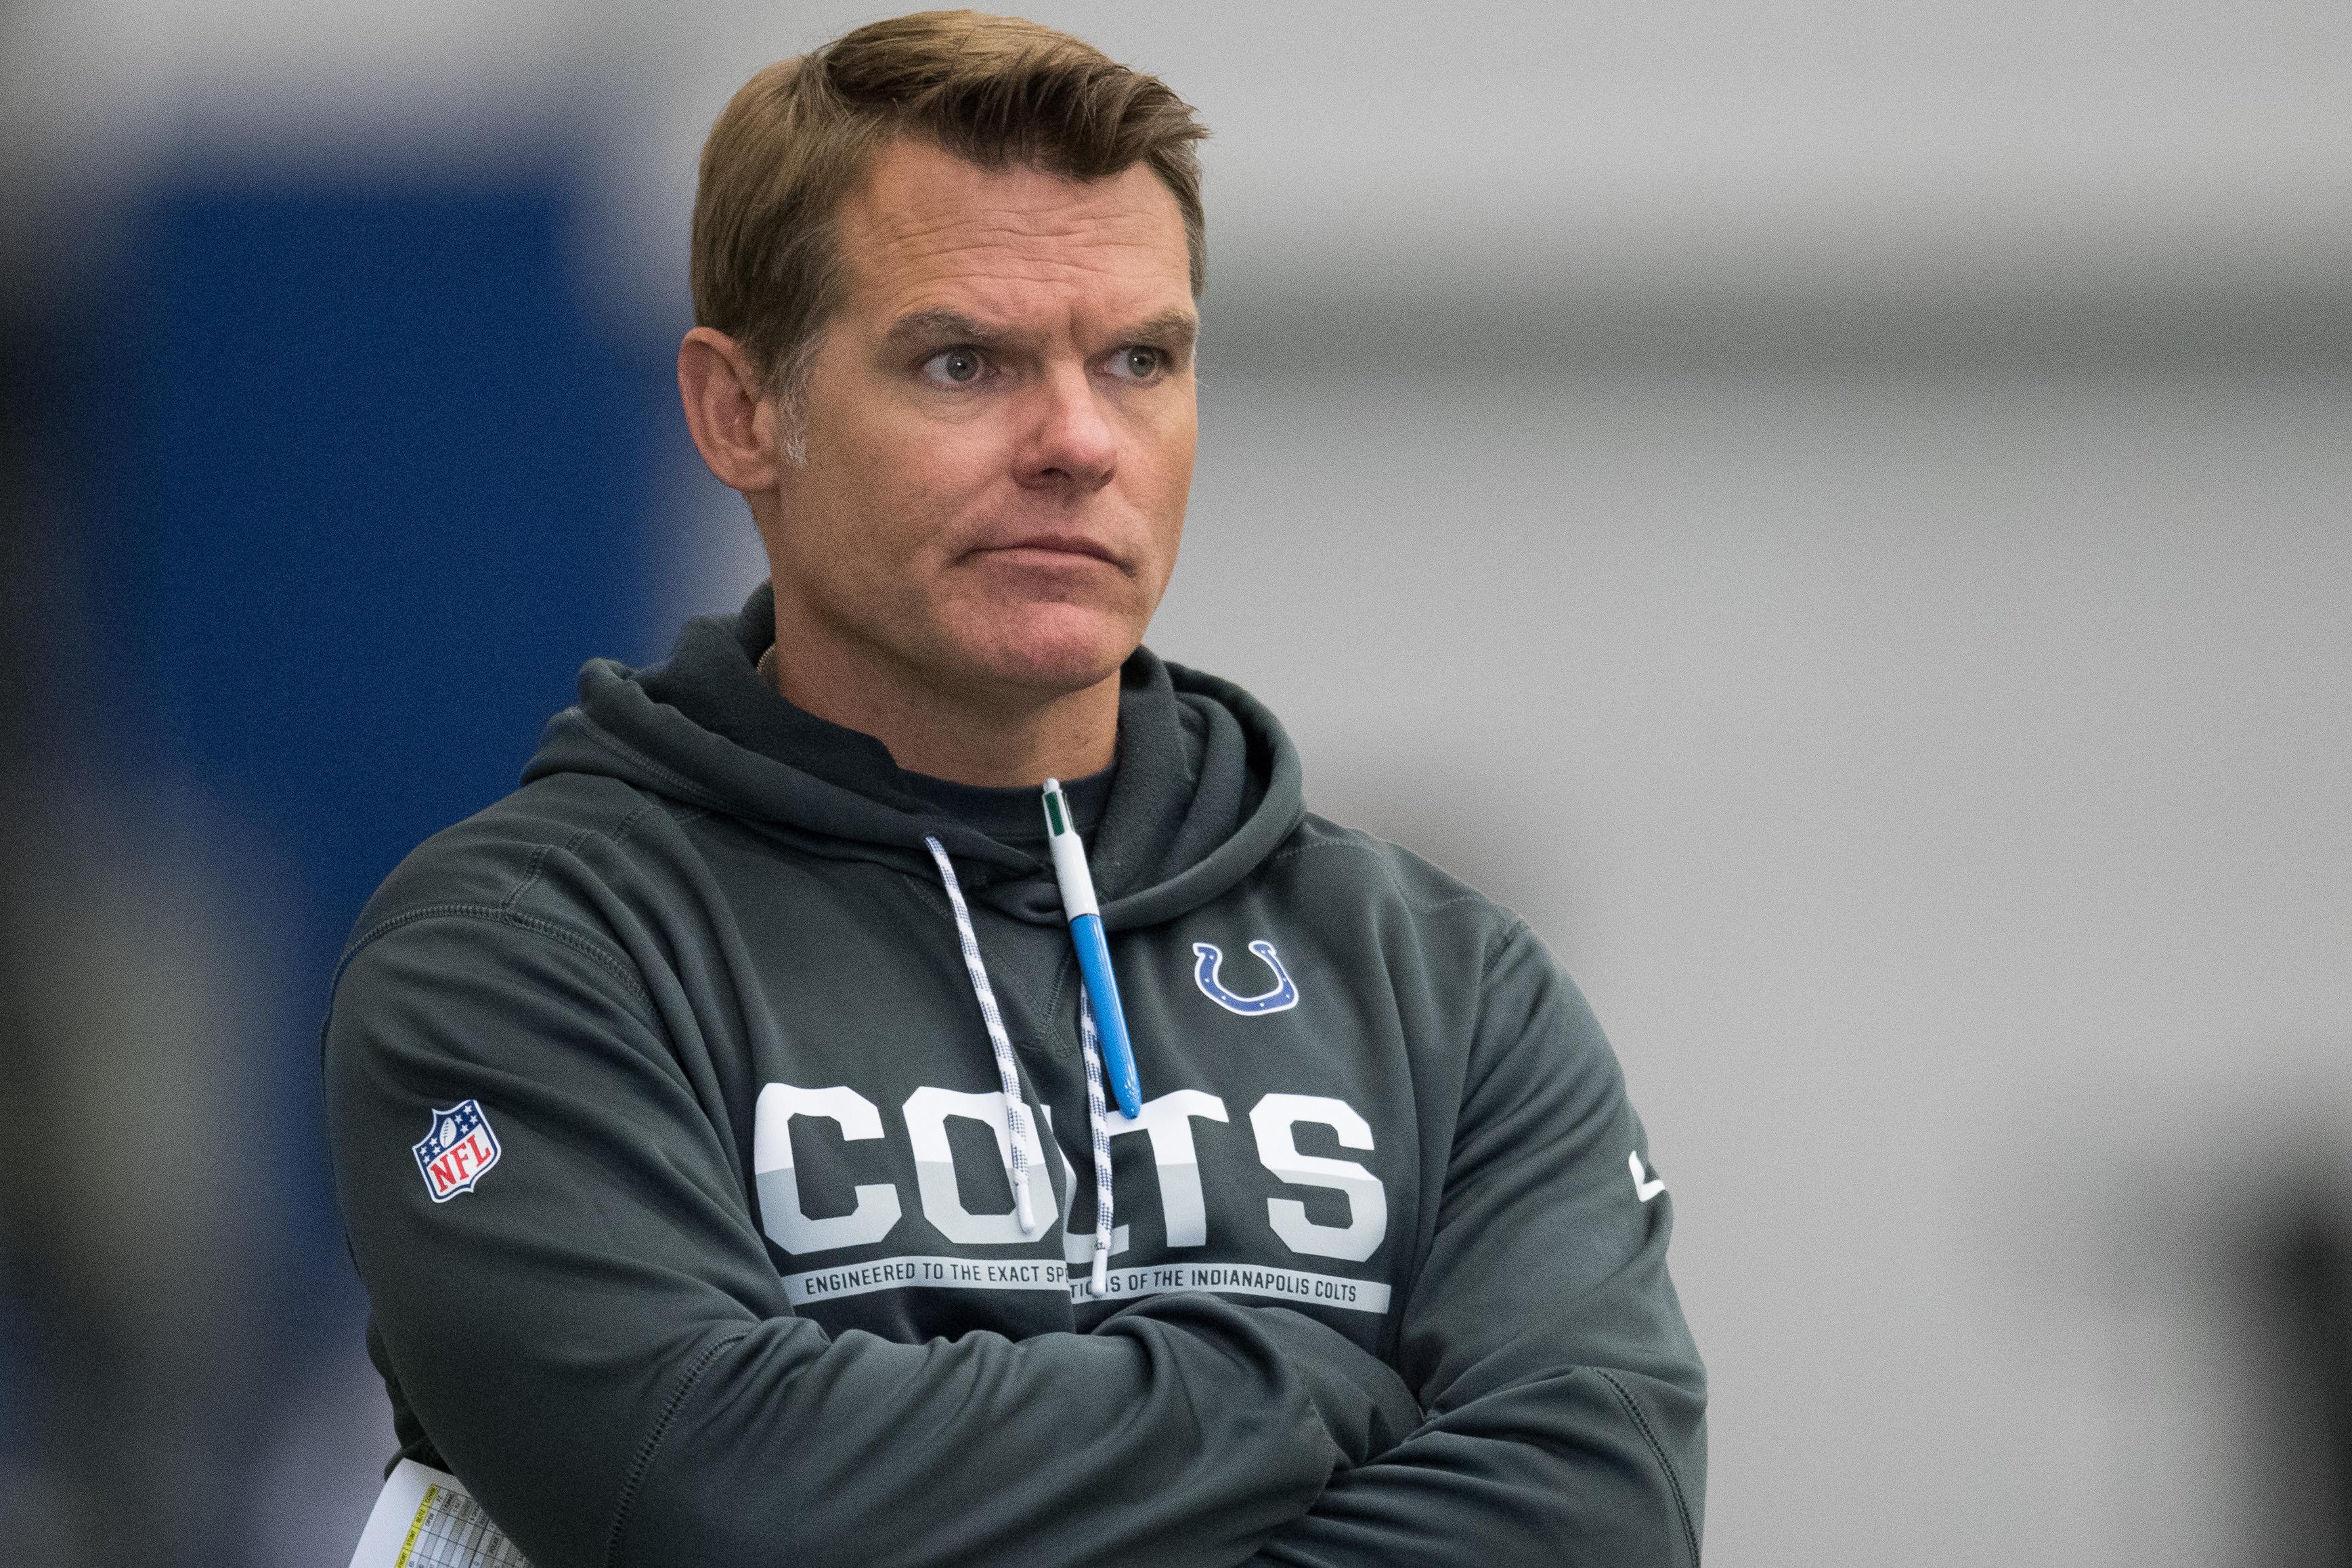 NFL: JUN 13 Colts Minicamp